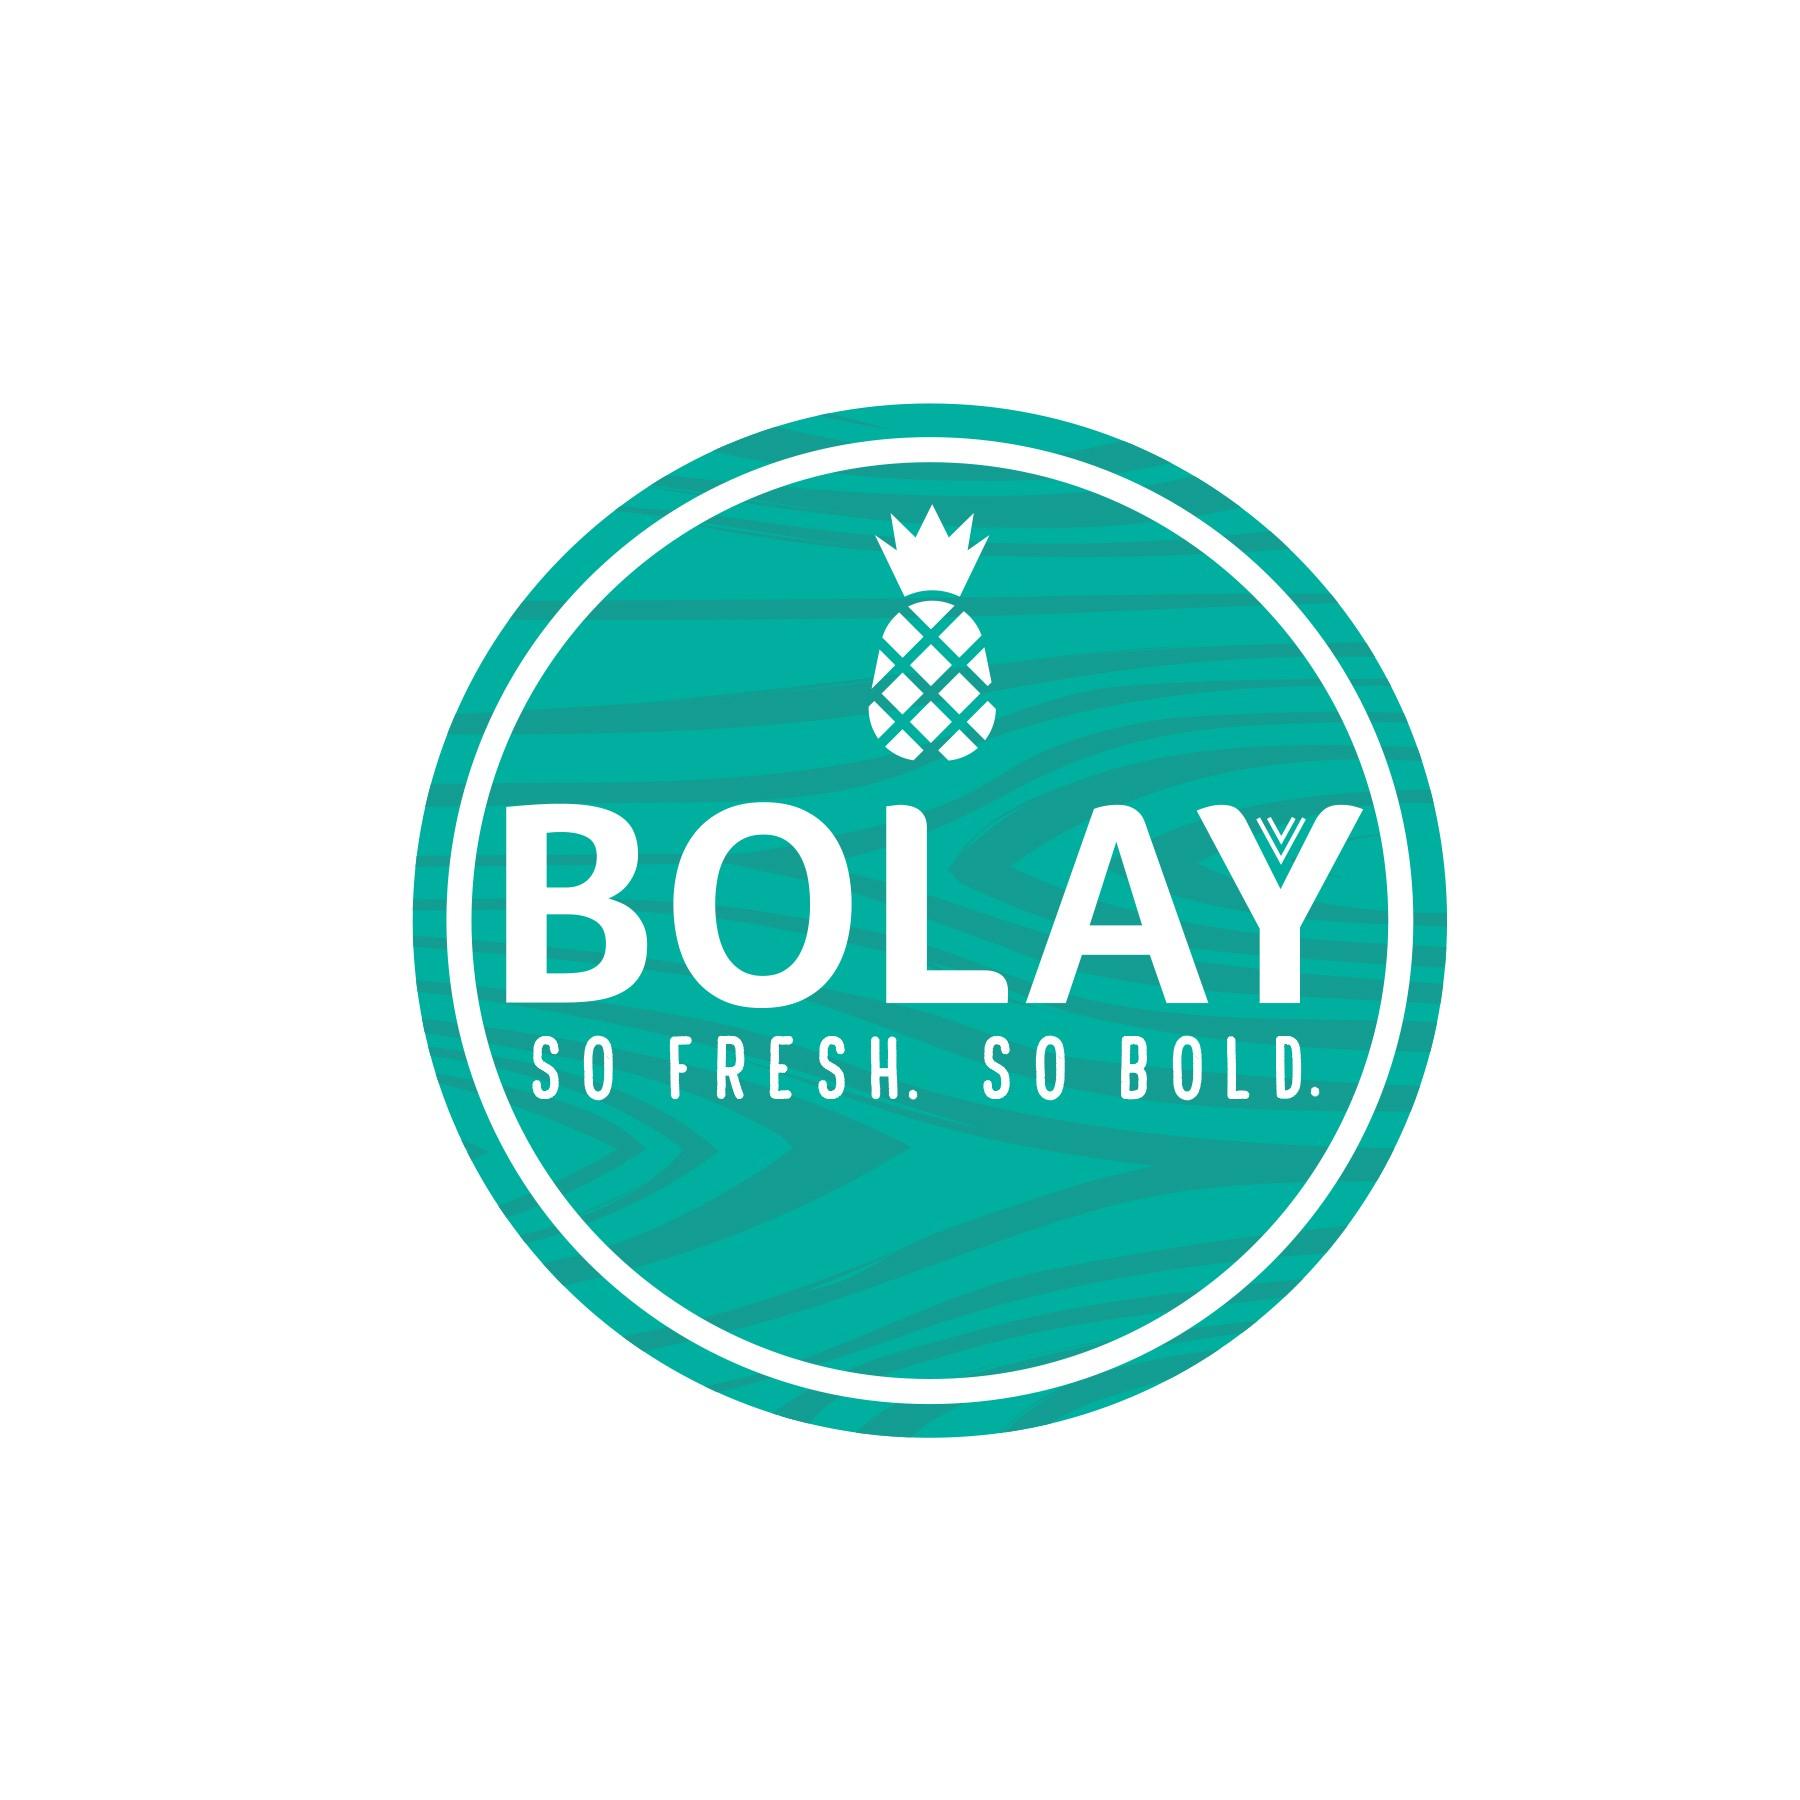 2018 Bolay Logo - Delray Beach Open